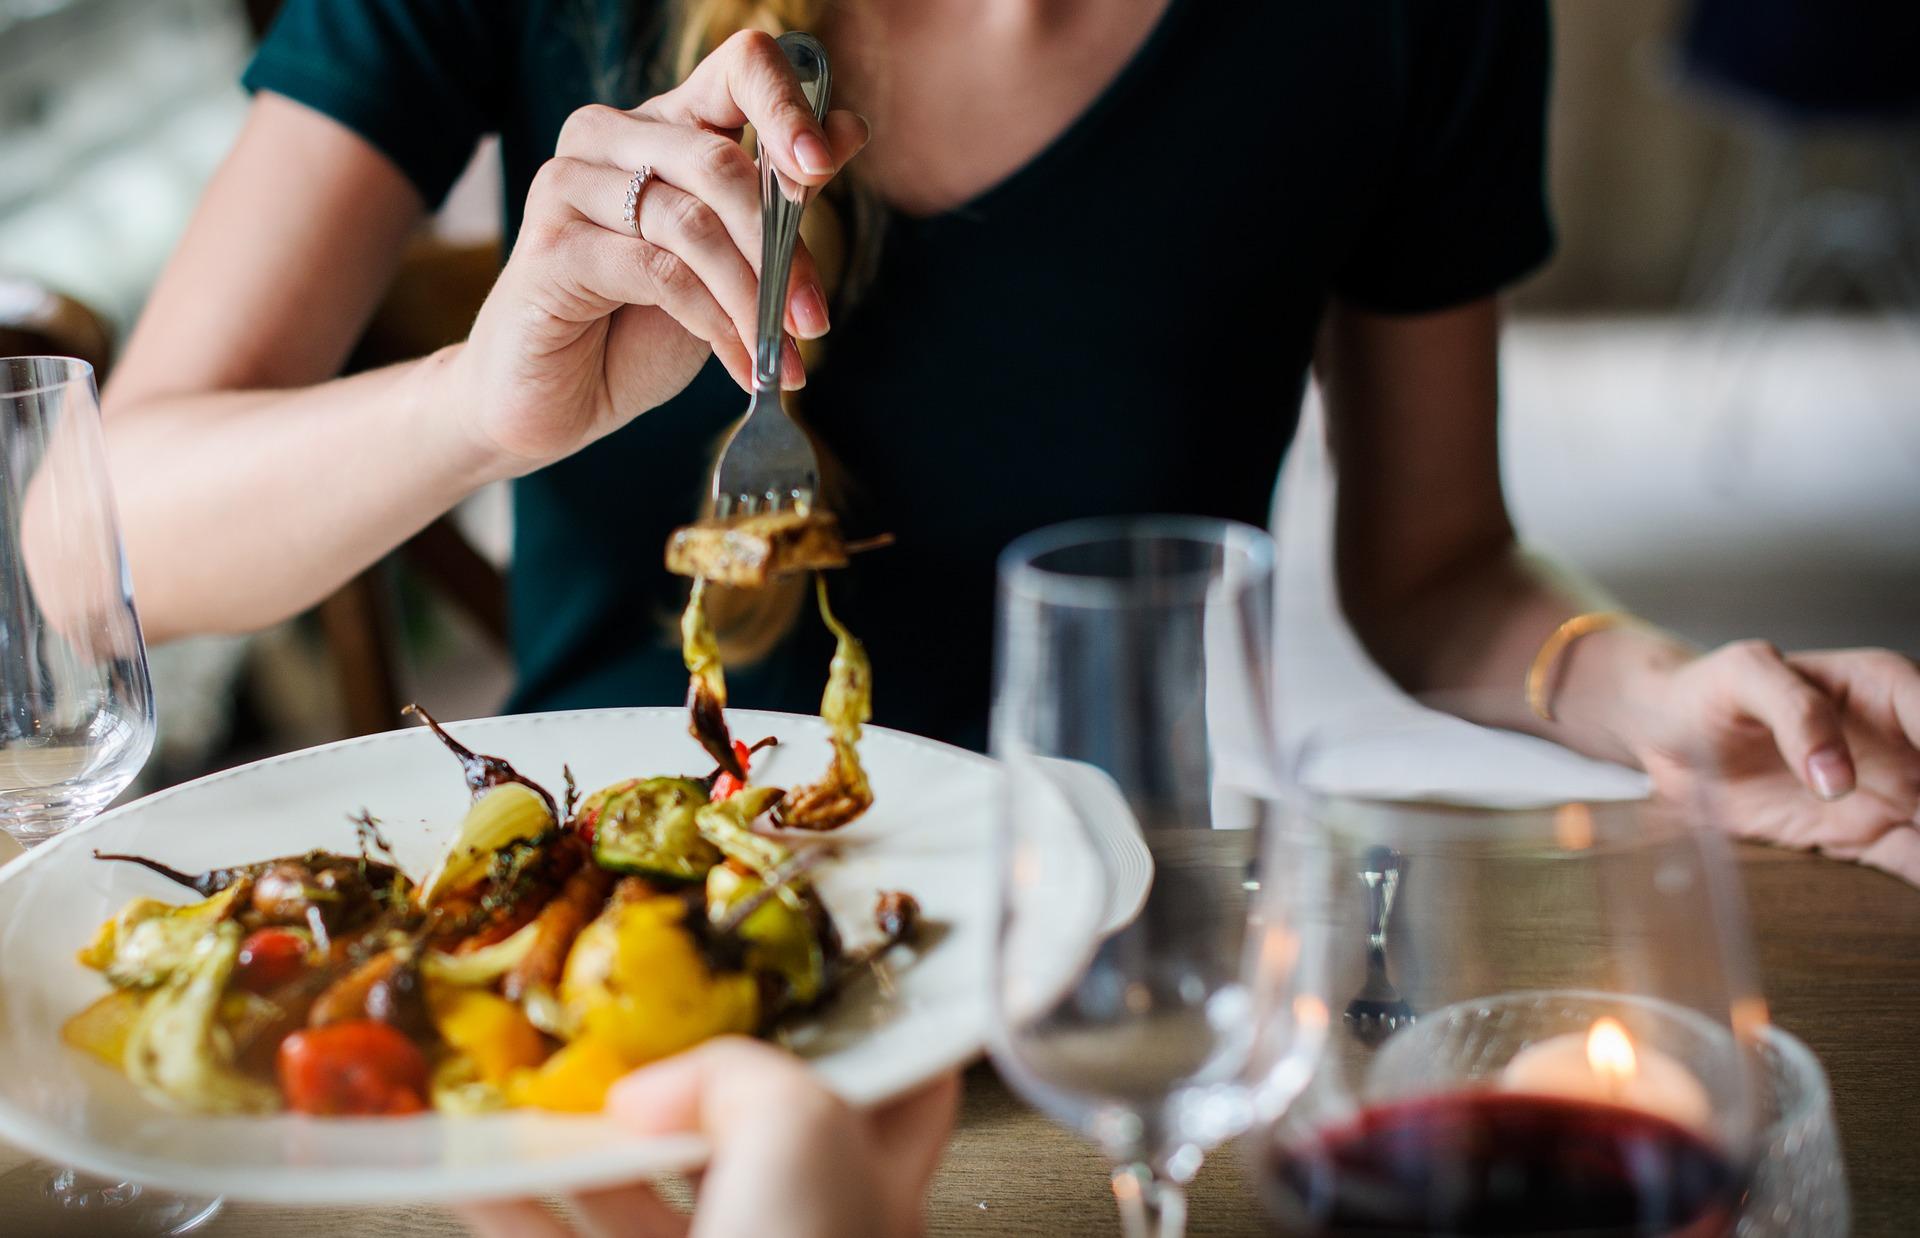 Frau isst am Tisch